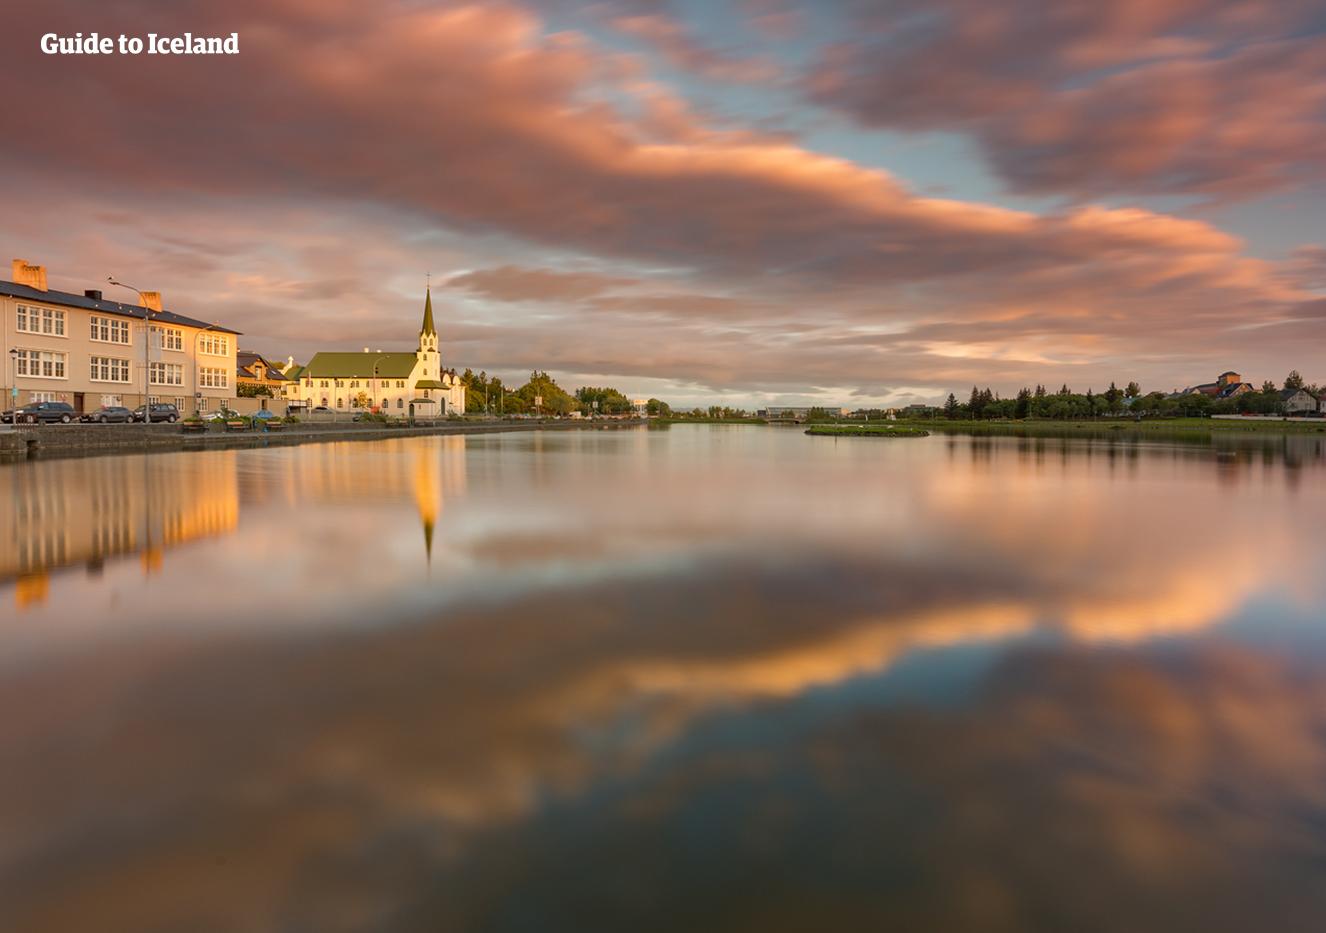 6 dni, samodzielna podróż | Kemping na Islandii i interior - day 6